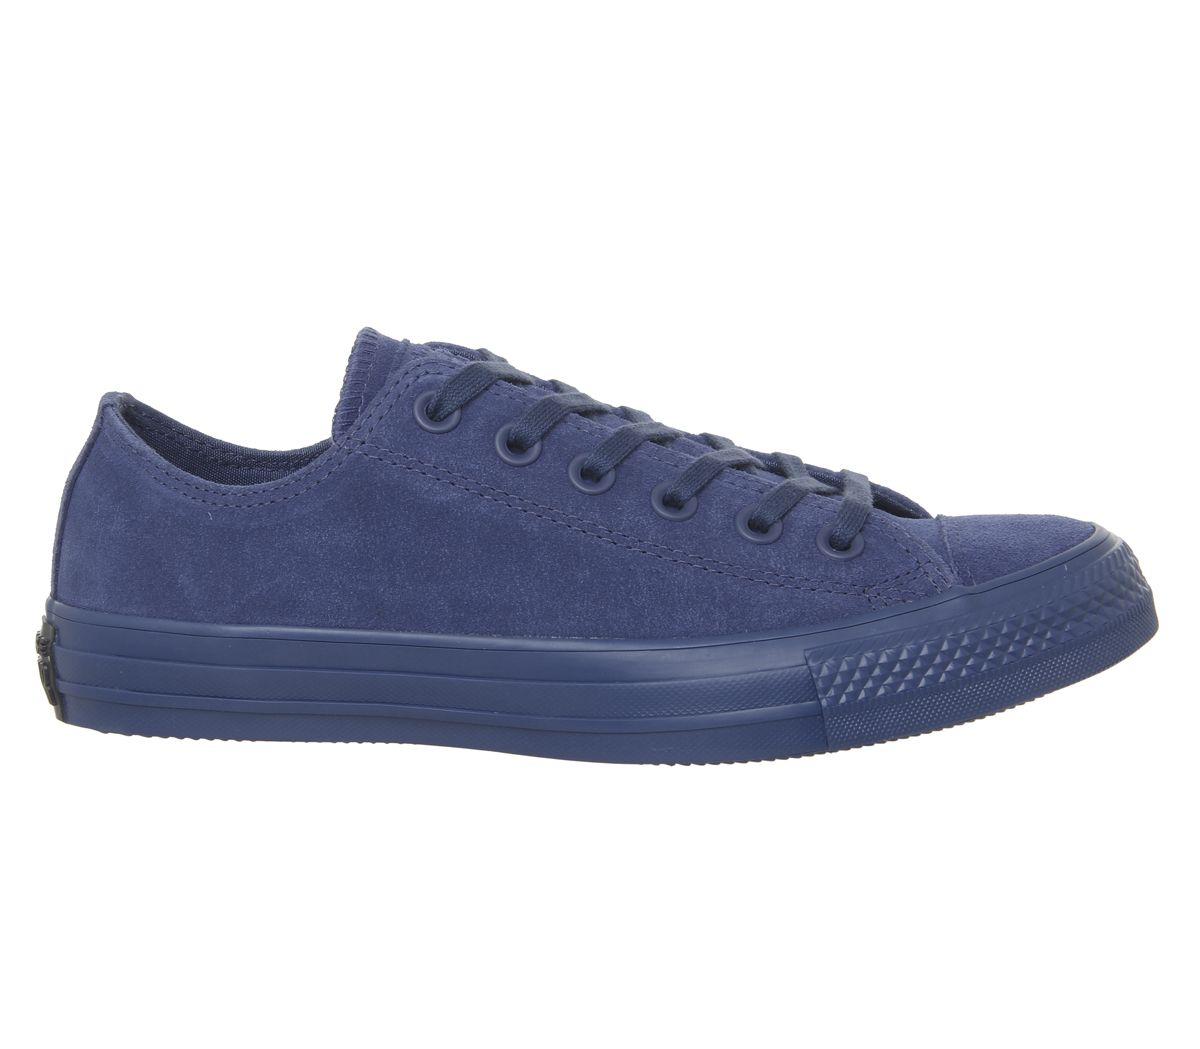 8e1ec3709d Dettagli su Converse Converse Star Basso scarpe da ginnastica All Blu Scuro  Mono Scarpe da ginnastica in pelle scamosciata- mostra il titolo originale